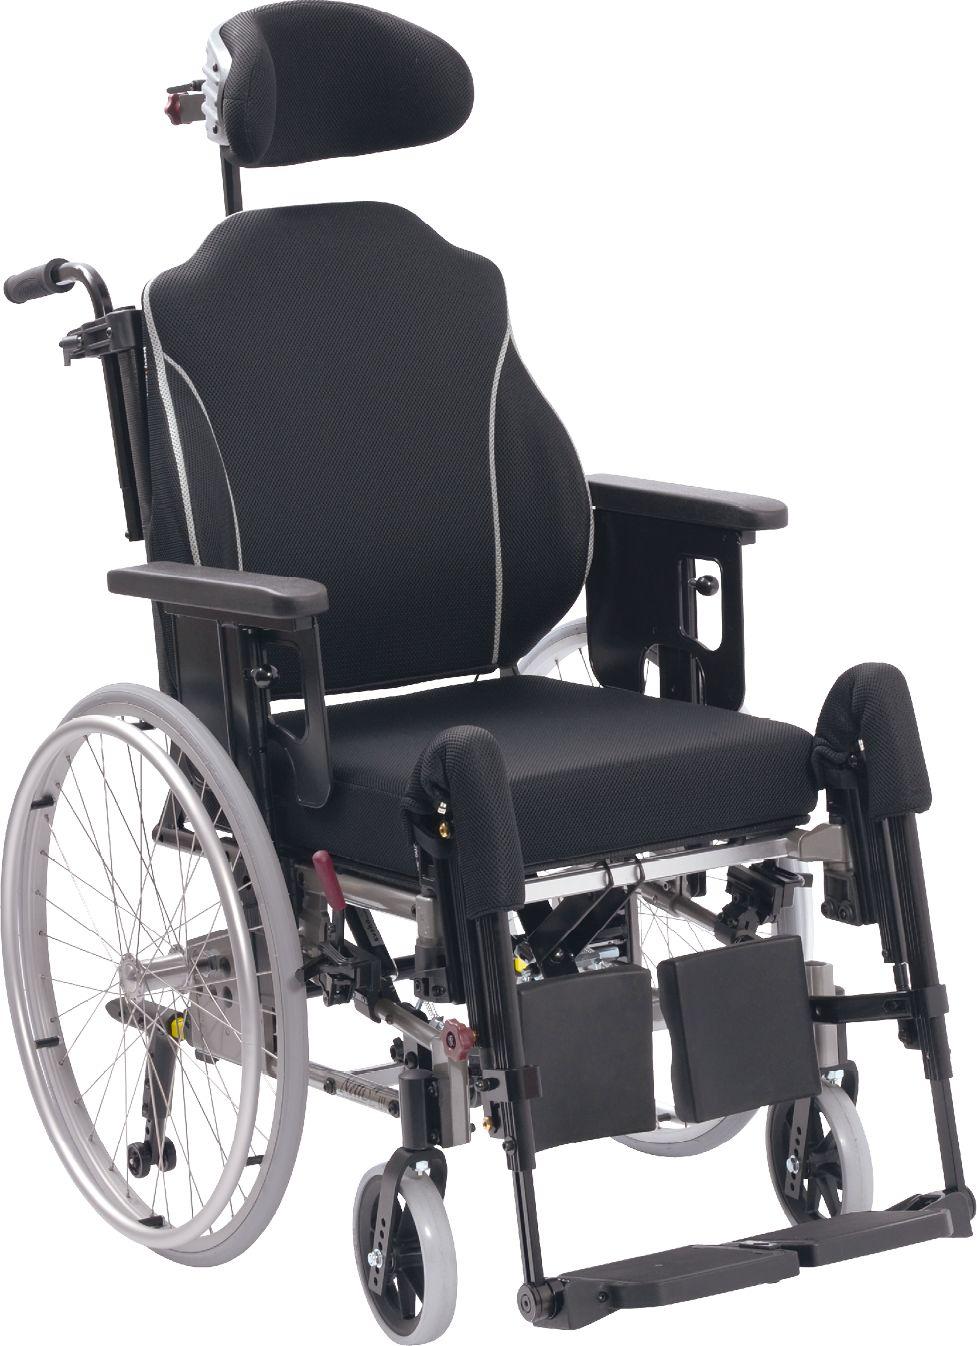 Wózek inwalidzki specjalny z amortyzowaną ramą i przesuwaną płytą siedziska - duży zakres regulacji, komfortowa poduszka Netti UNO, oddychająca tapice